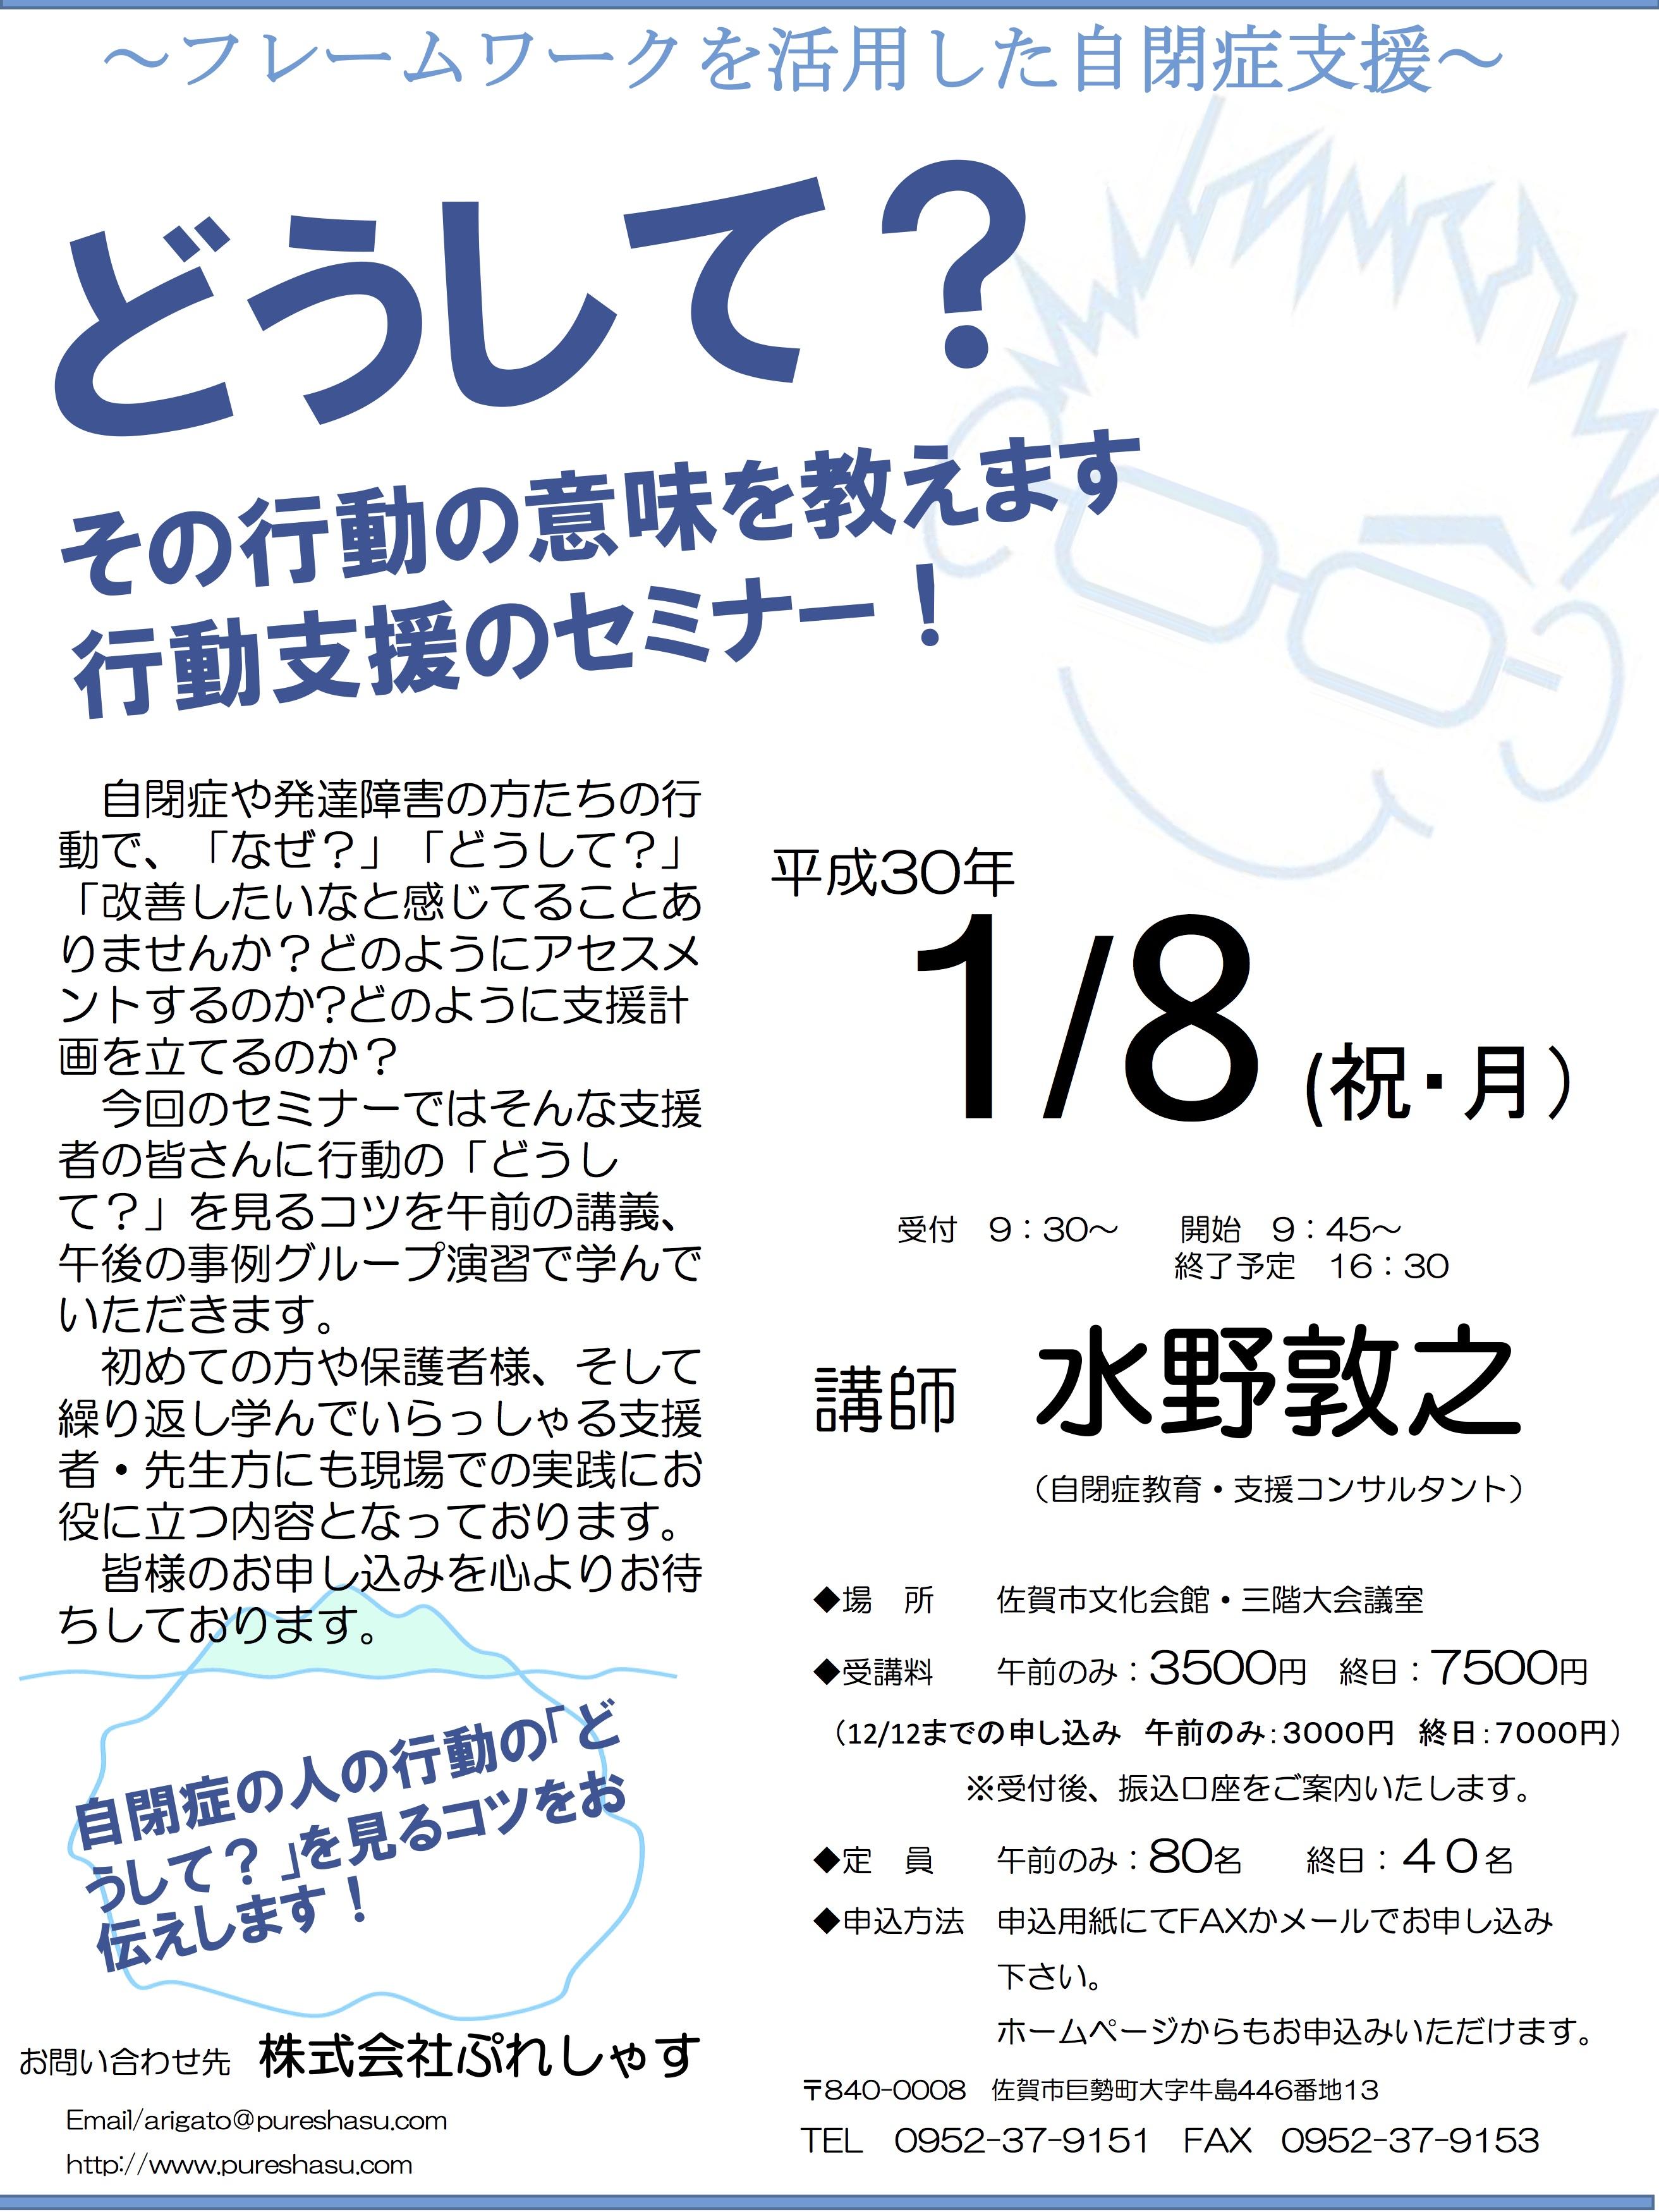 ぷれしゃすセミナーVol.21